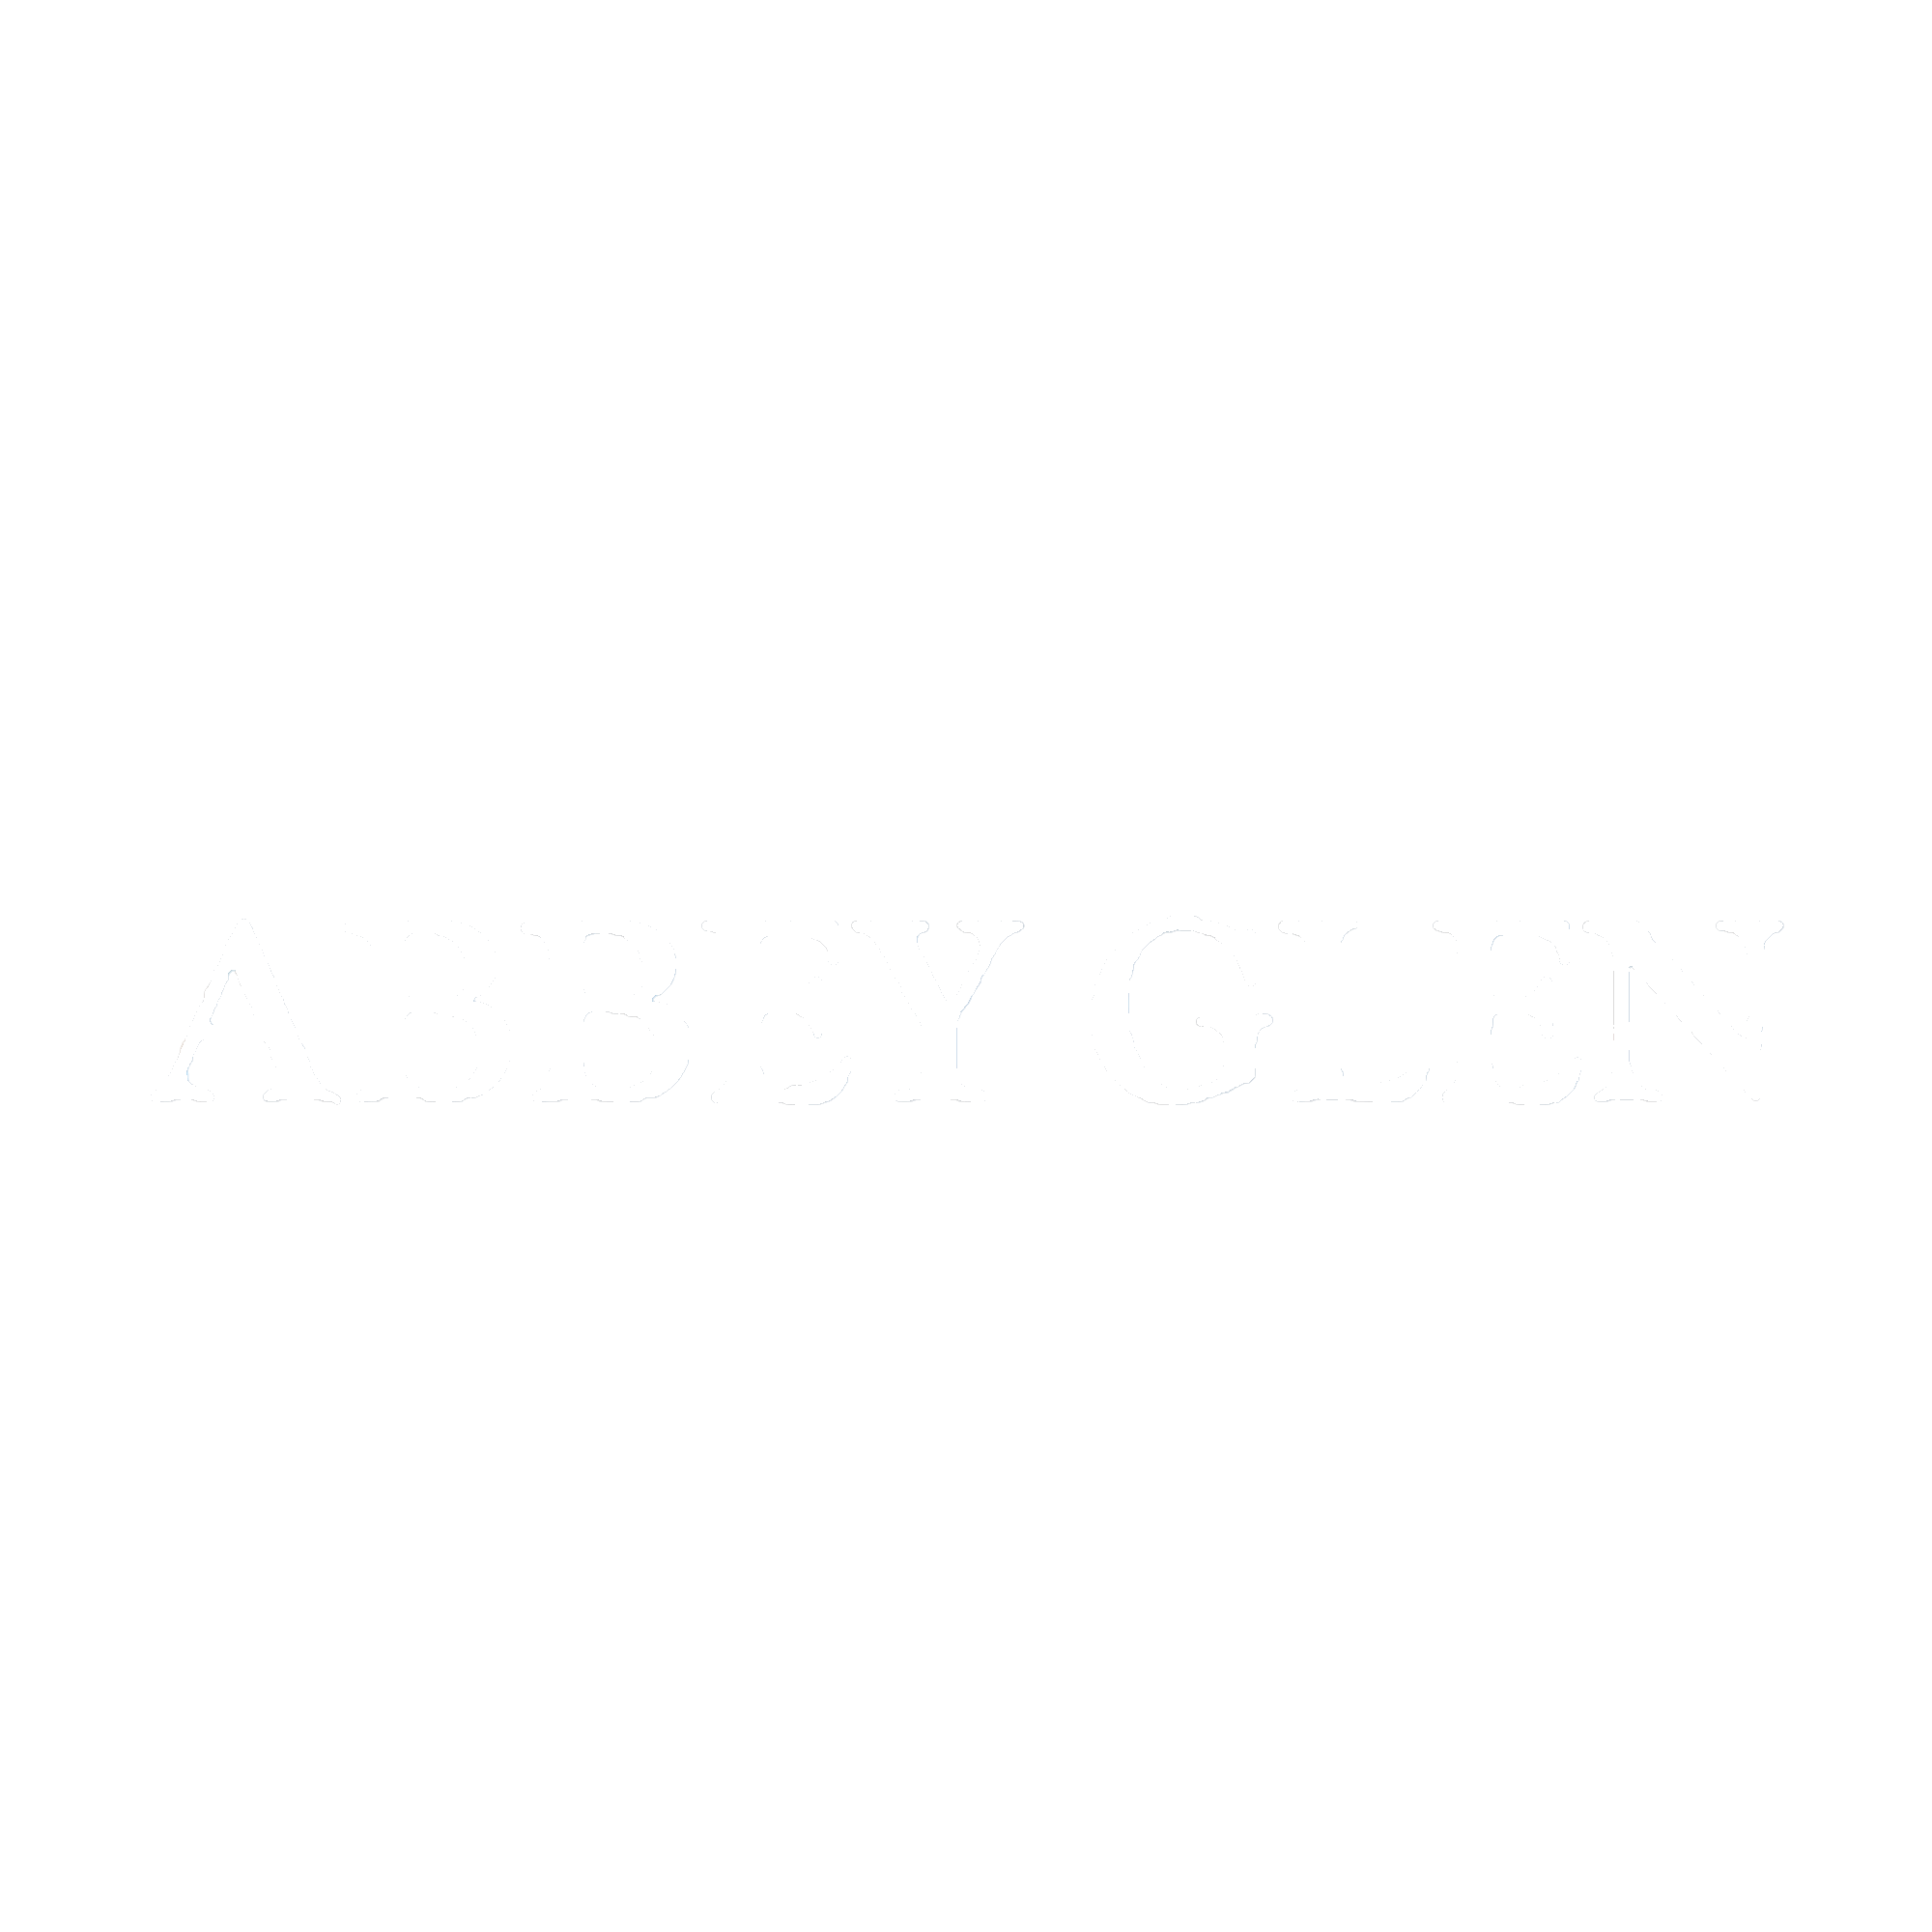 ABBEY GLEN